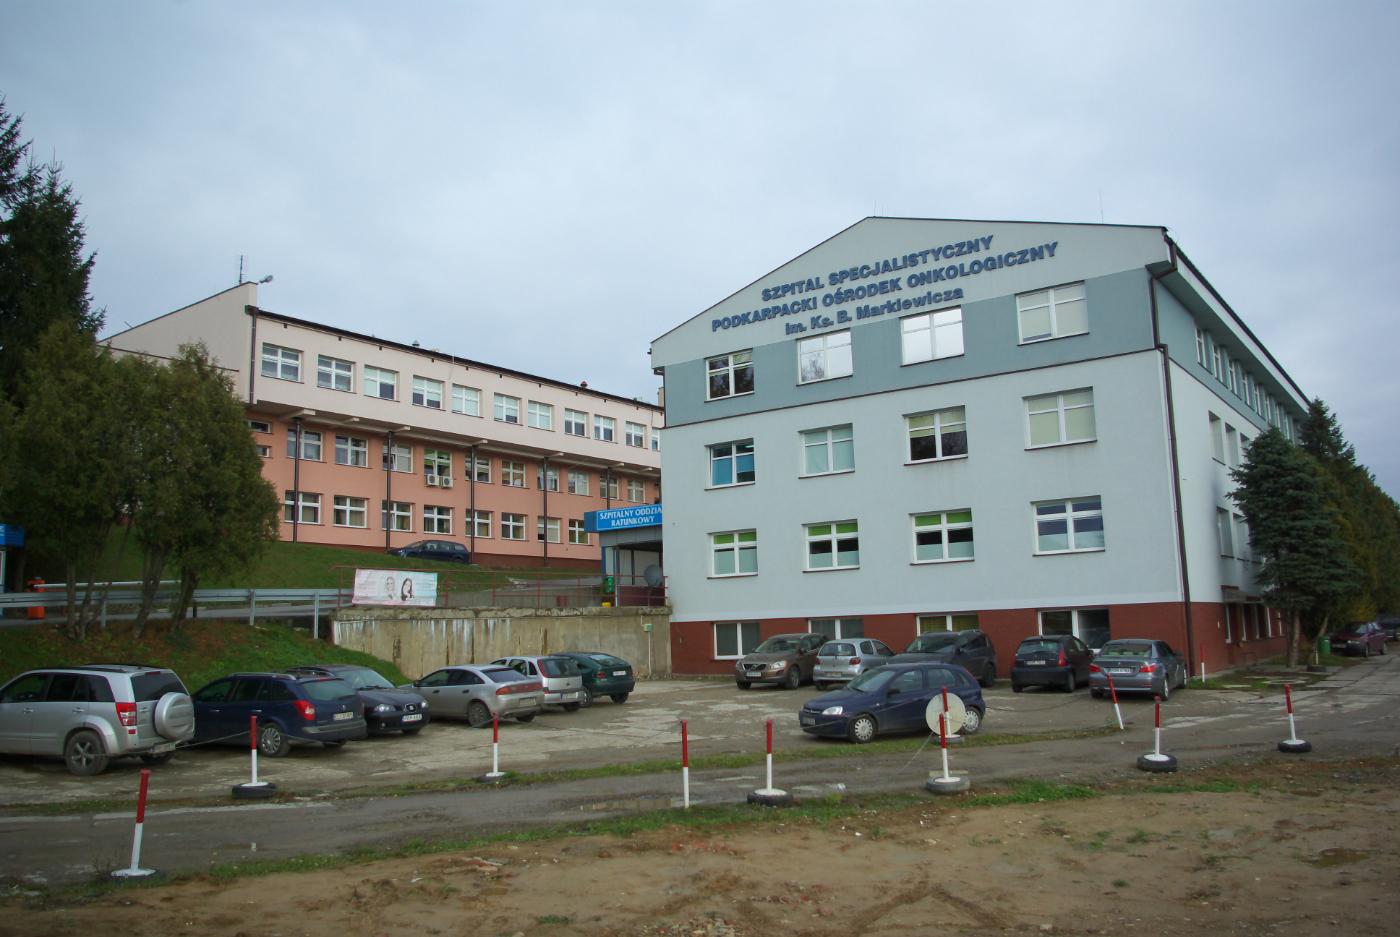 30-latek szalał w brzozowskim szpitalu. Atakował ludzi! - Zdjęcie główne